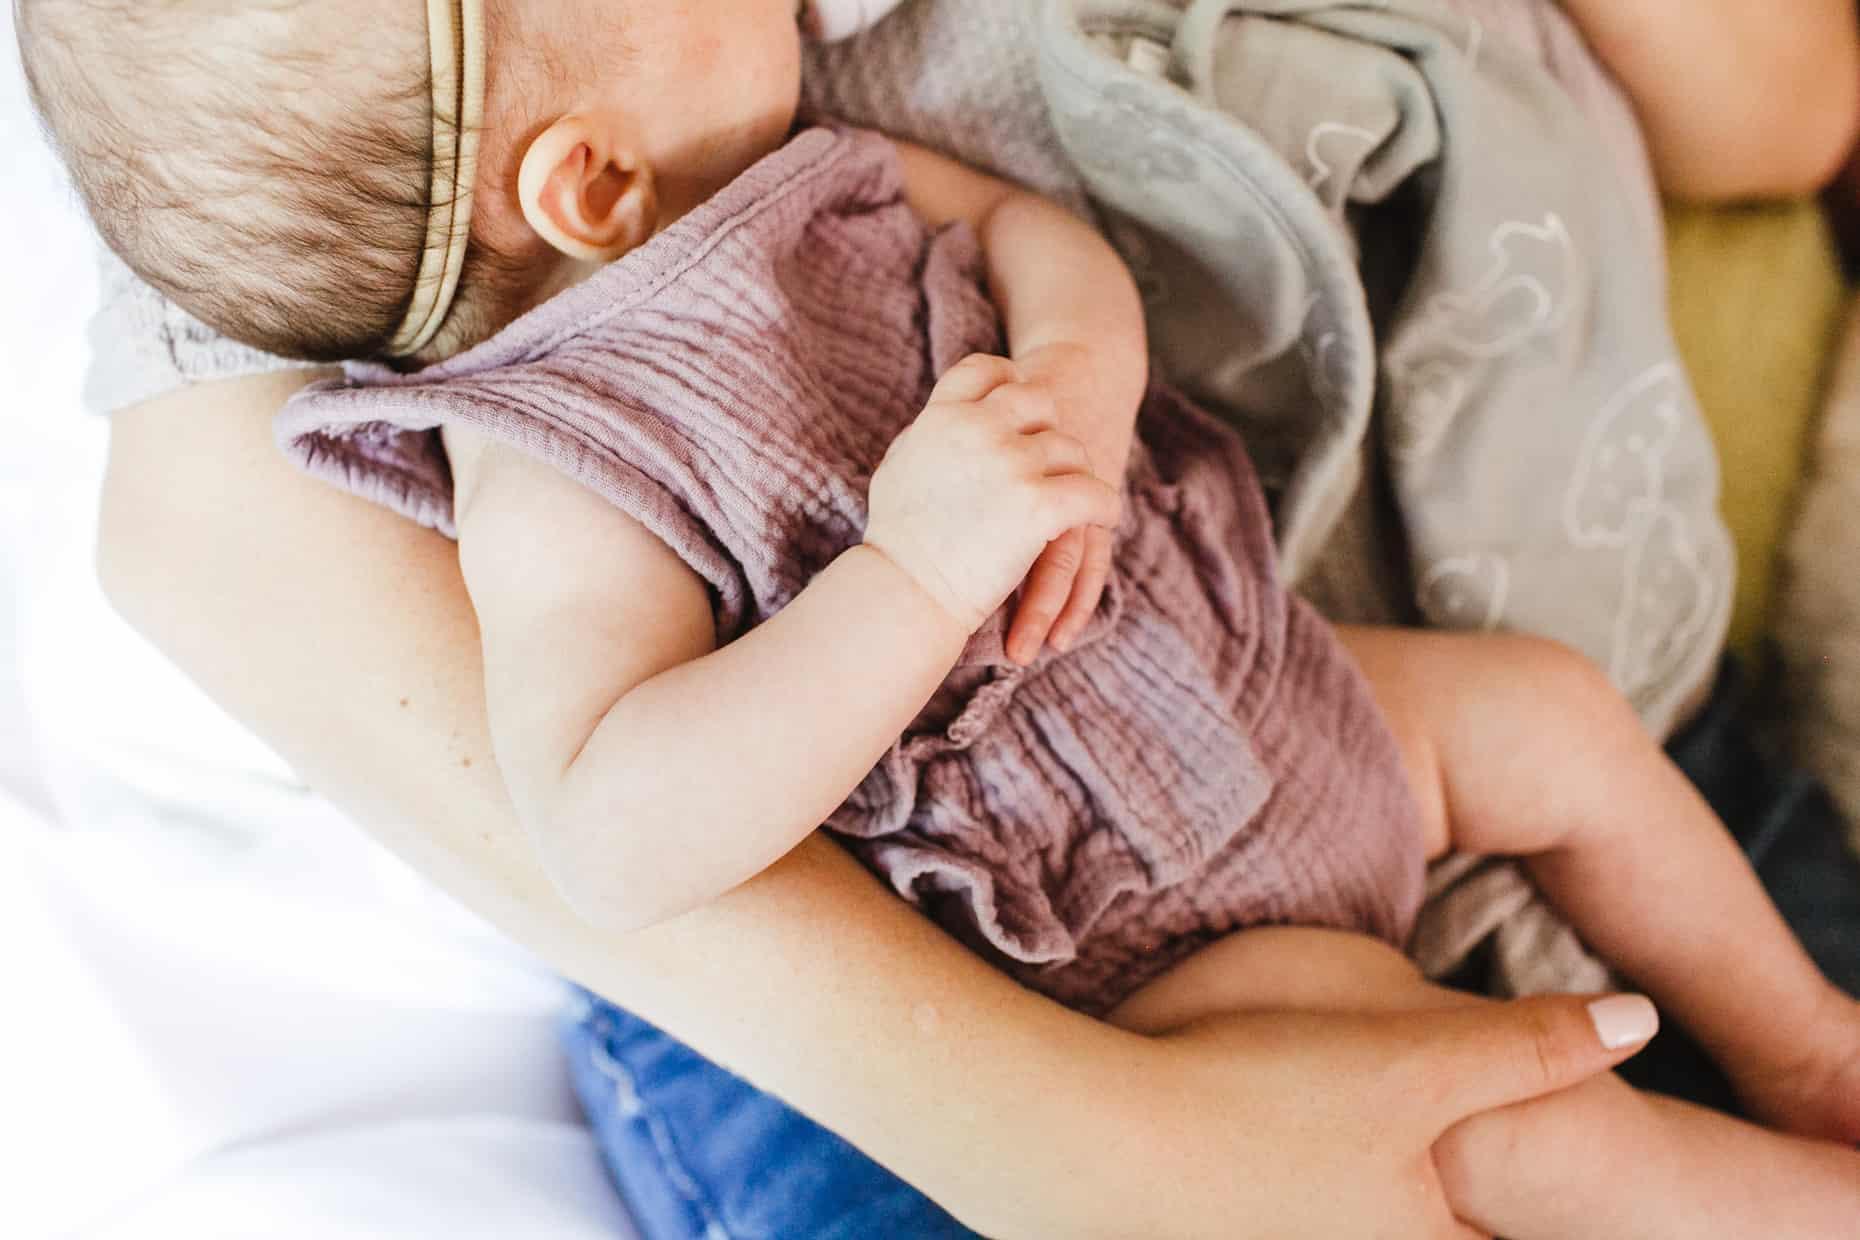 Philadelphia Baby Photographs